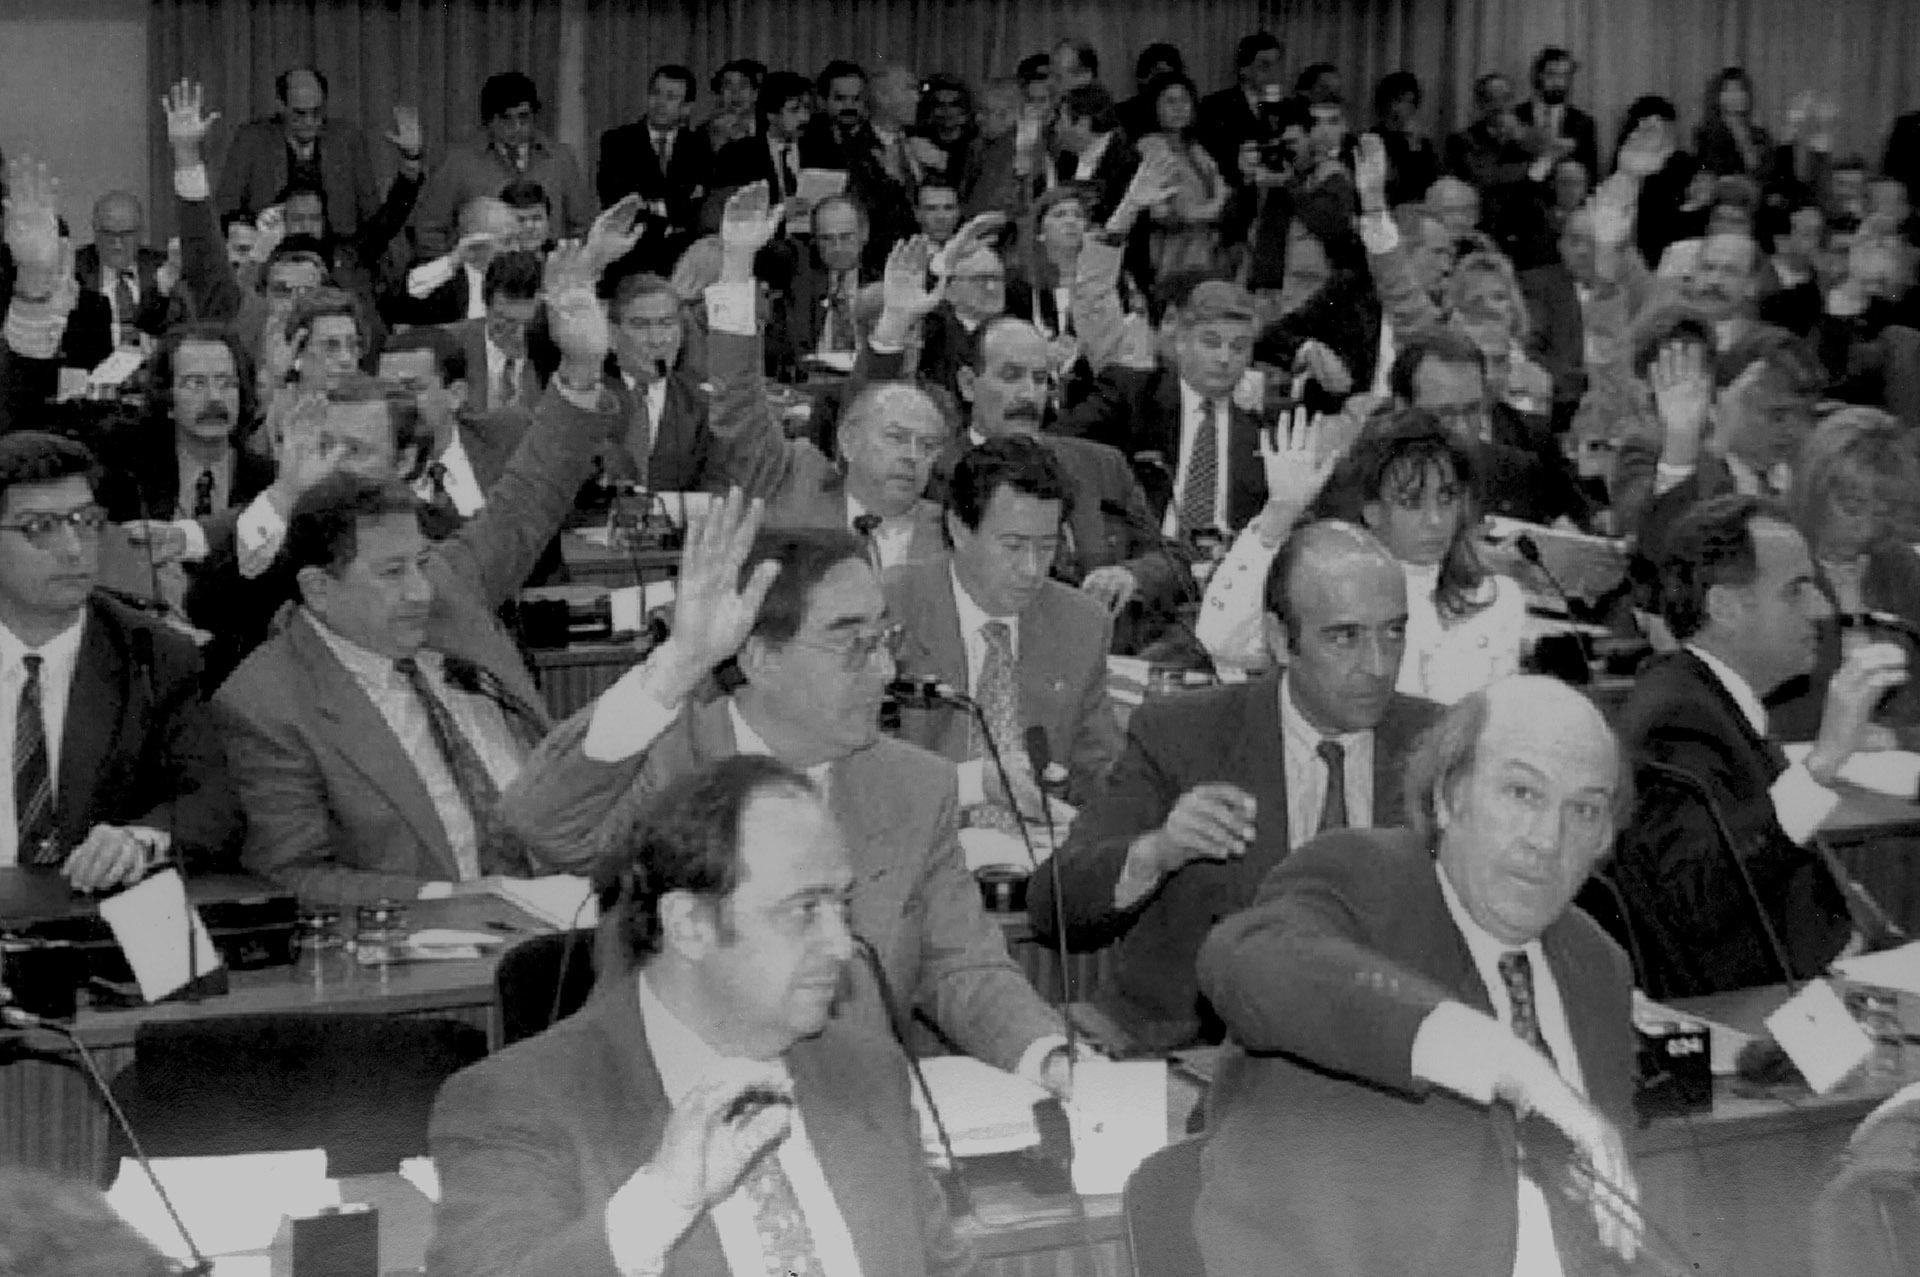 Votación de los legisladores: en primer plano, Alberto Pierri. En la tercera fila, a la izquierda y con anteojos, un joven Horacio Rosatti, detrás, Juan Carlos Maqueda (hoy ambos son jueces de la Corte Suprema). Al lado de Rosatti, Oraldo Britos, Augusto Alasino y Cristina Kirchner. En el centro de la foto, Carlos Corach y a su lado Jorge Yoma y Alberto Albamonte.